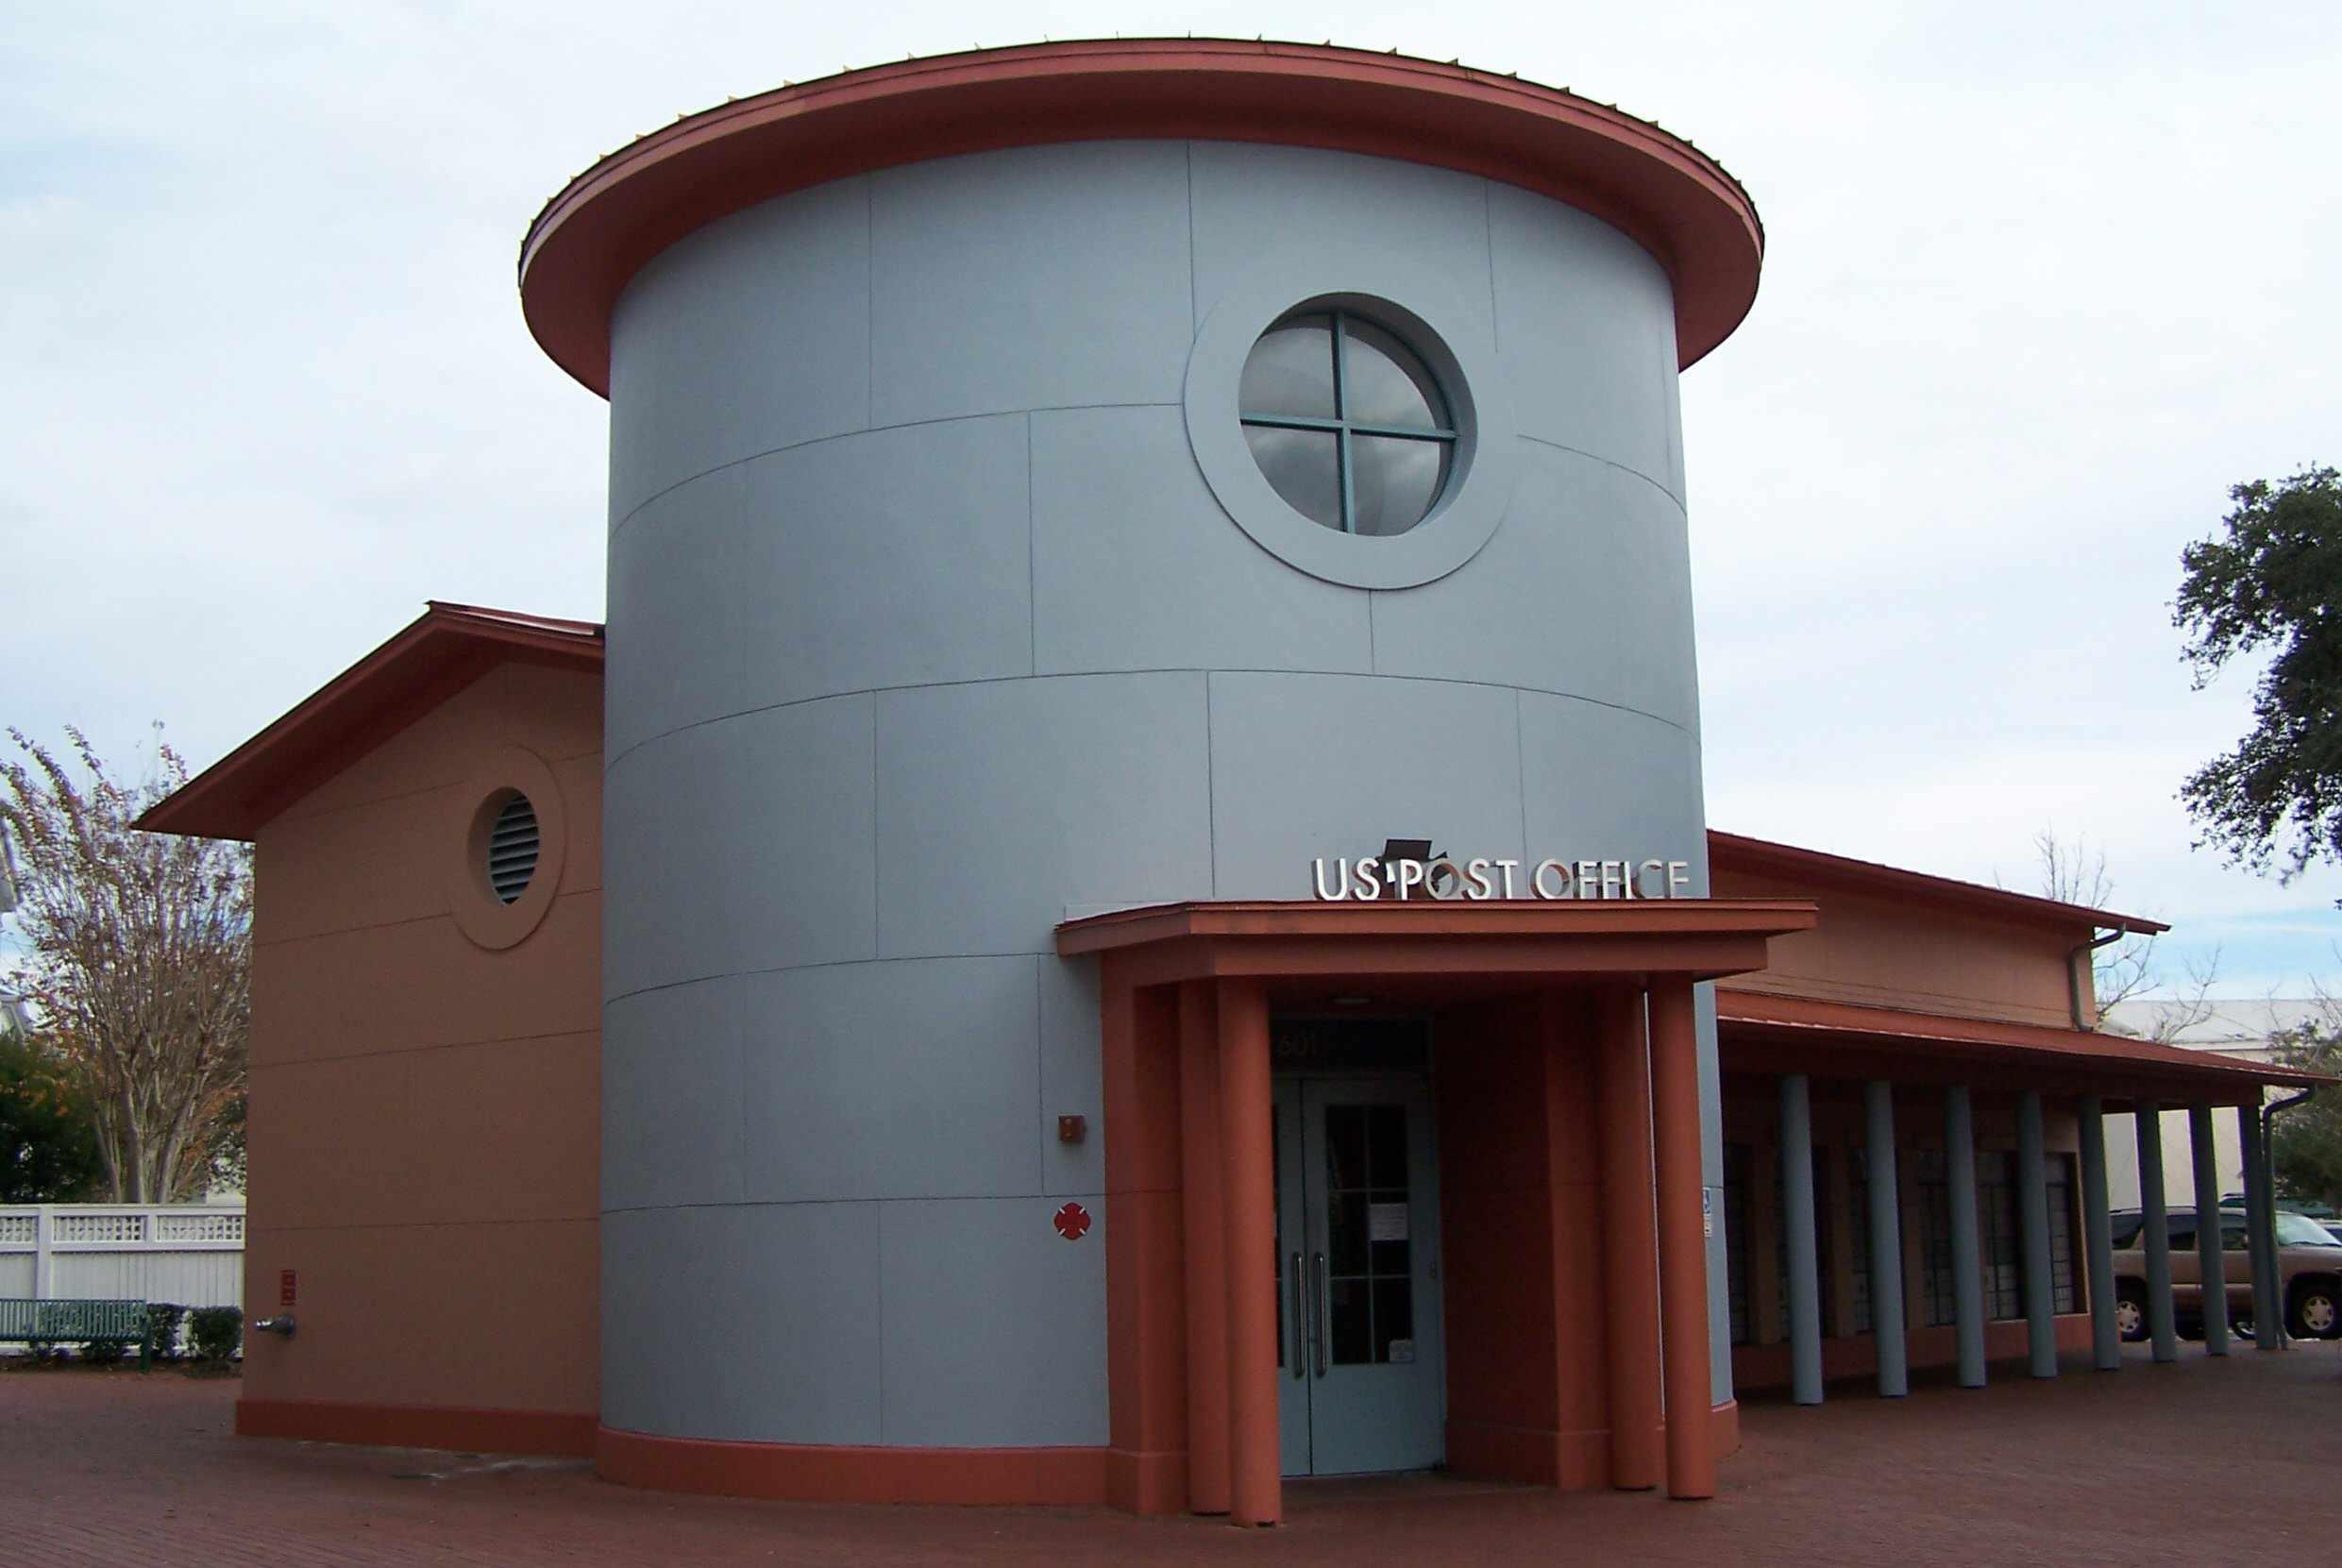 Oficina de correos azul cilíndrica con techo de cúpula roja, columnas rojas y una ventana de ojo de buey encima de la puerta